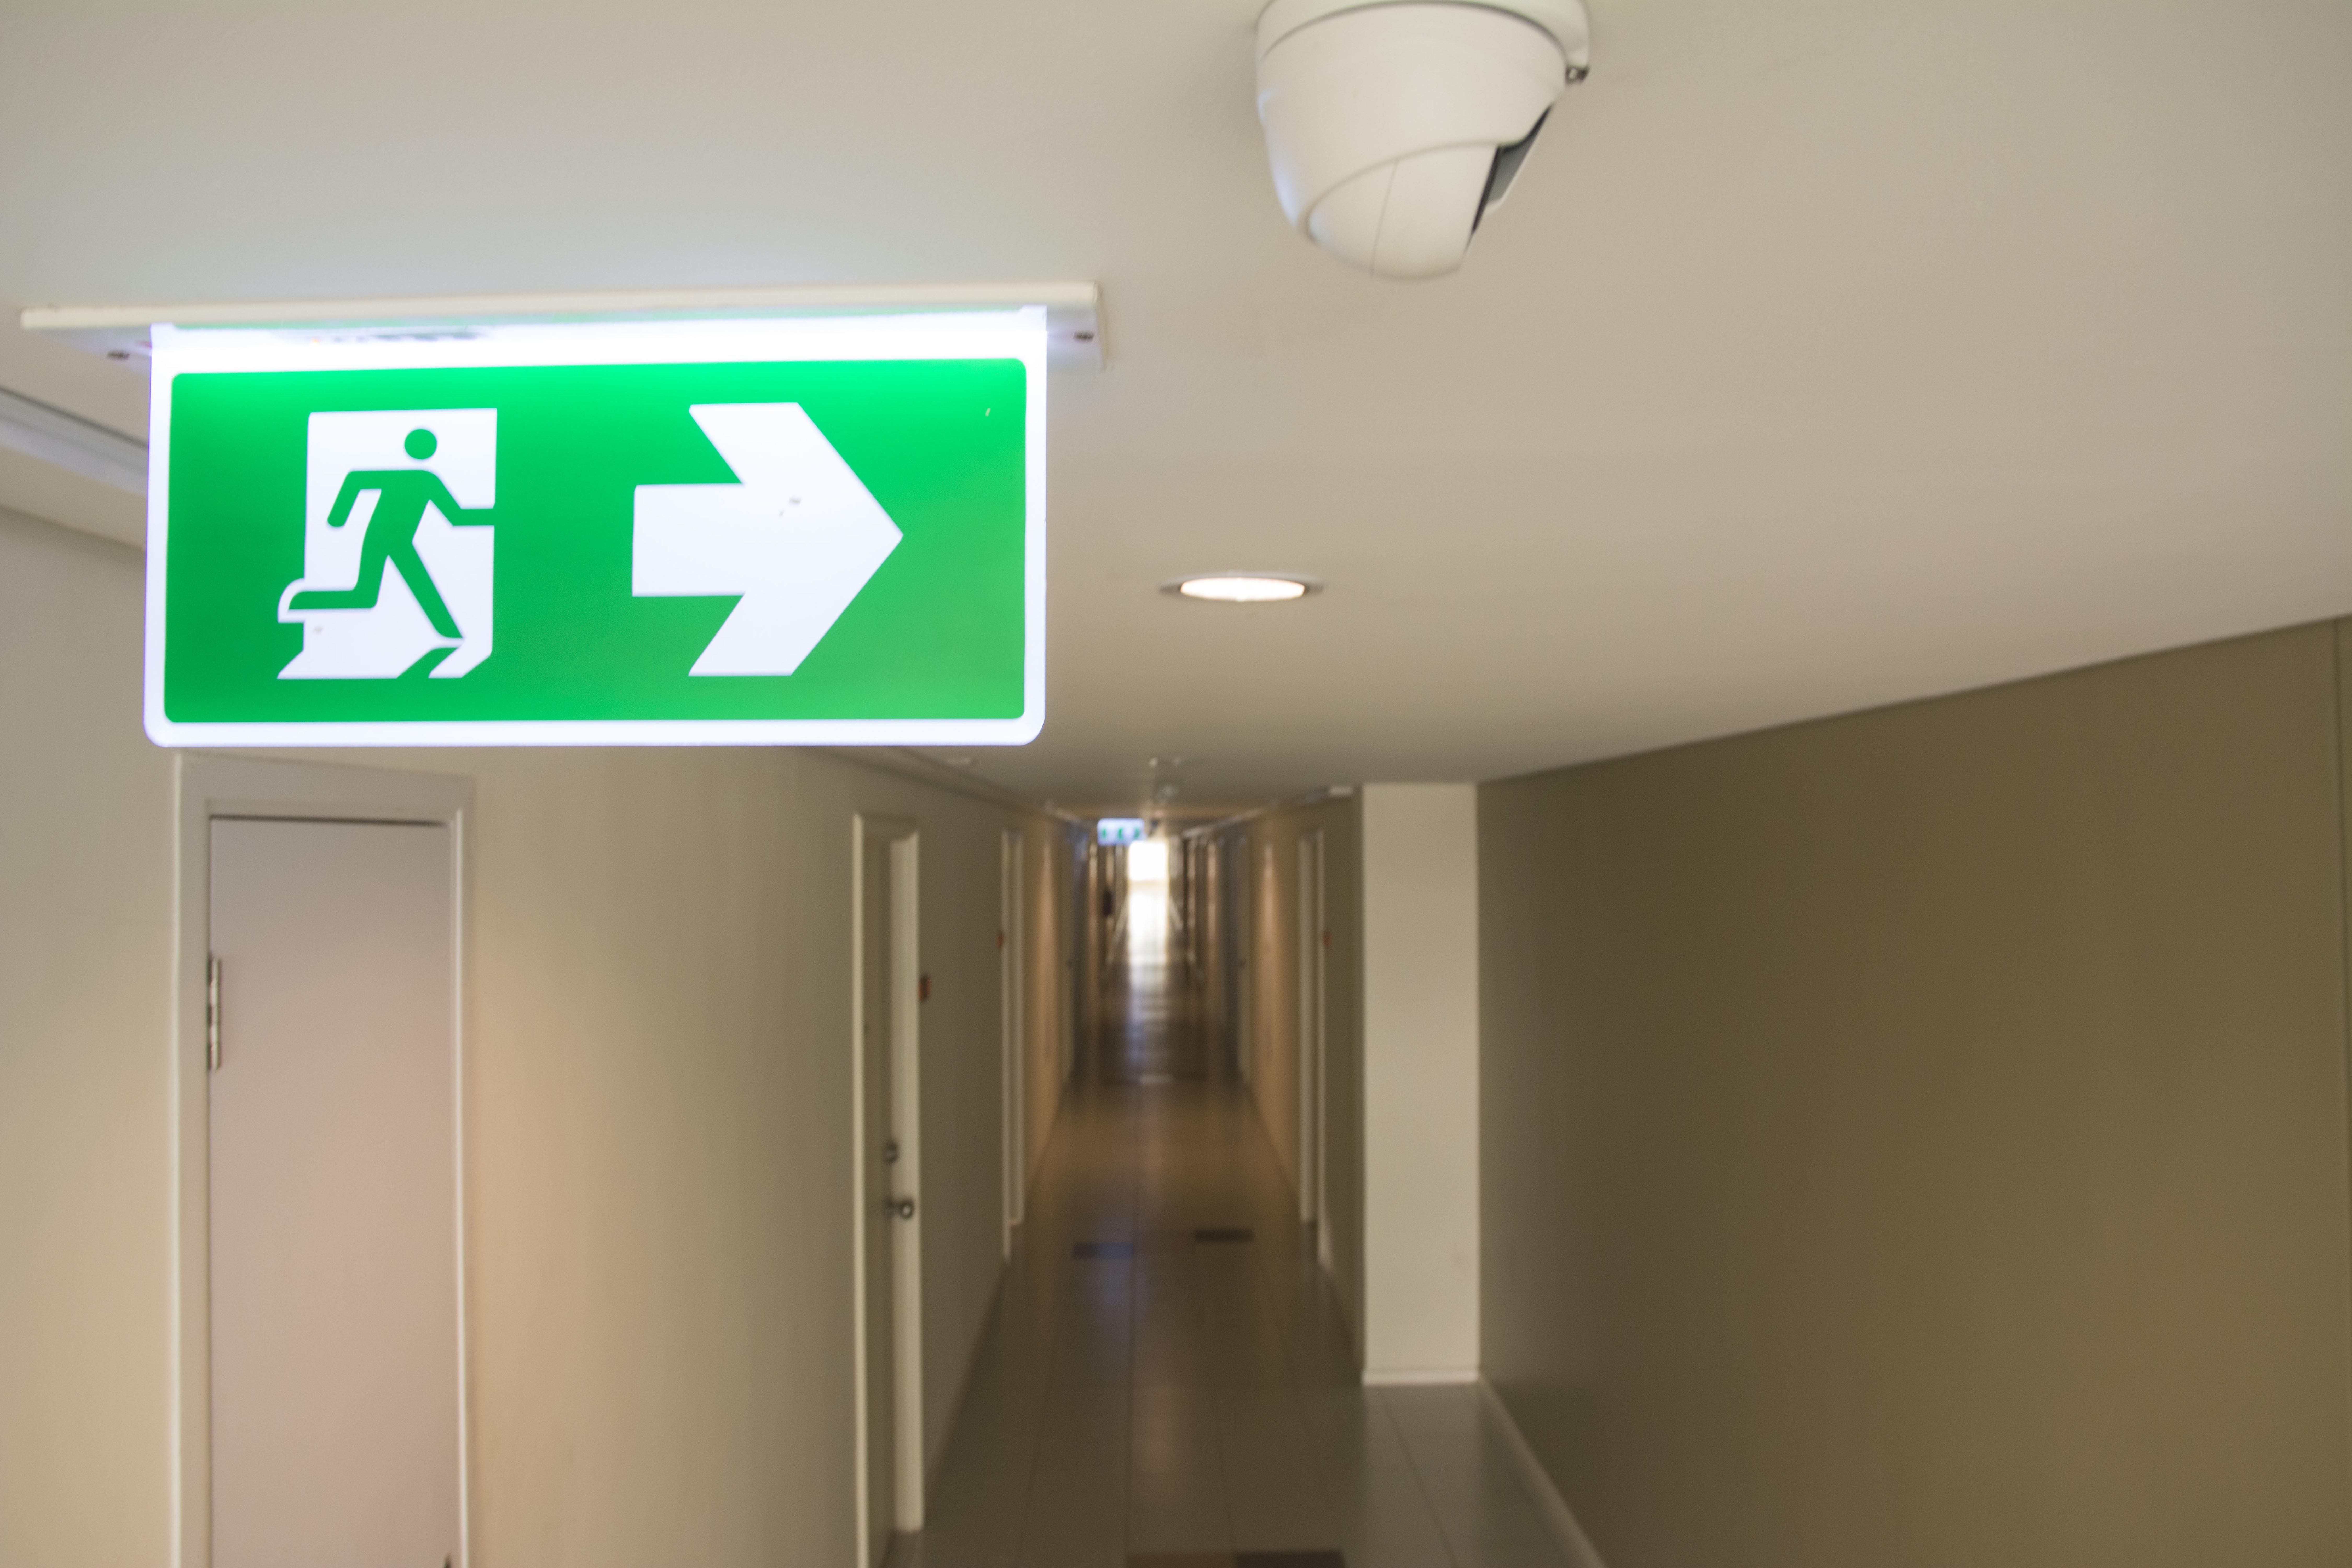 Evakuācijas un avārijas apgaismojums - ekspertu padomi